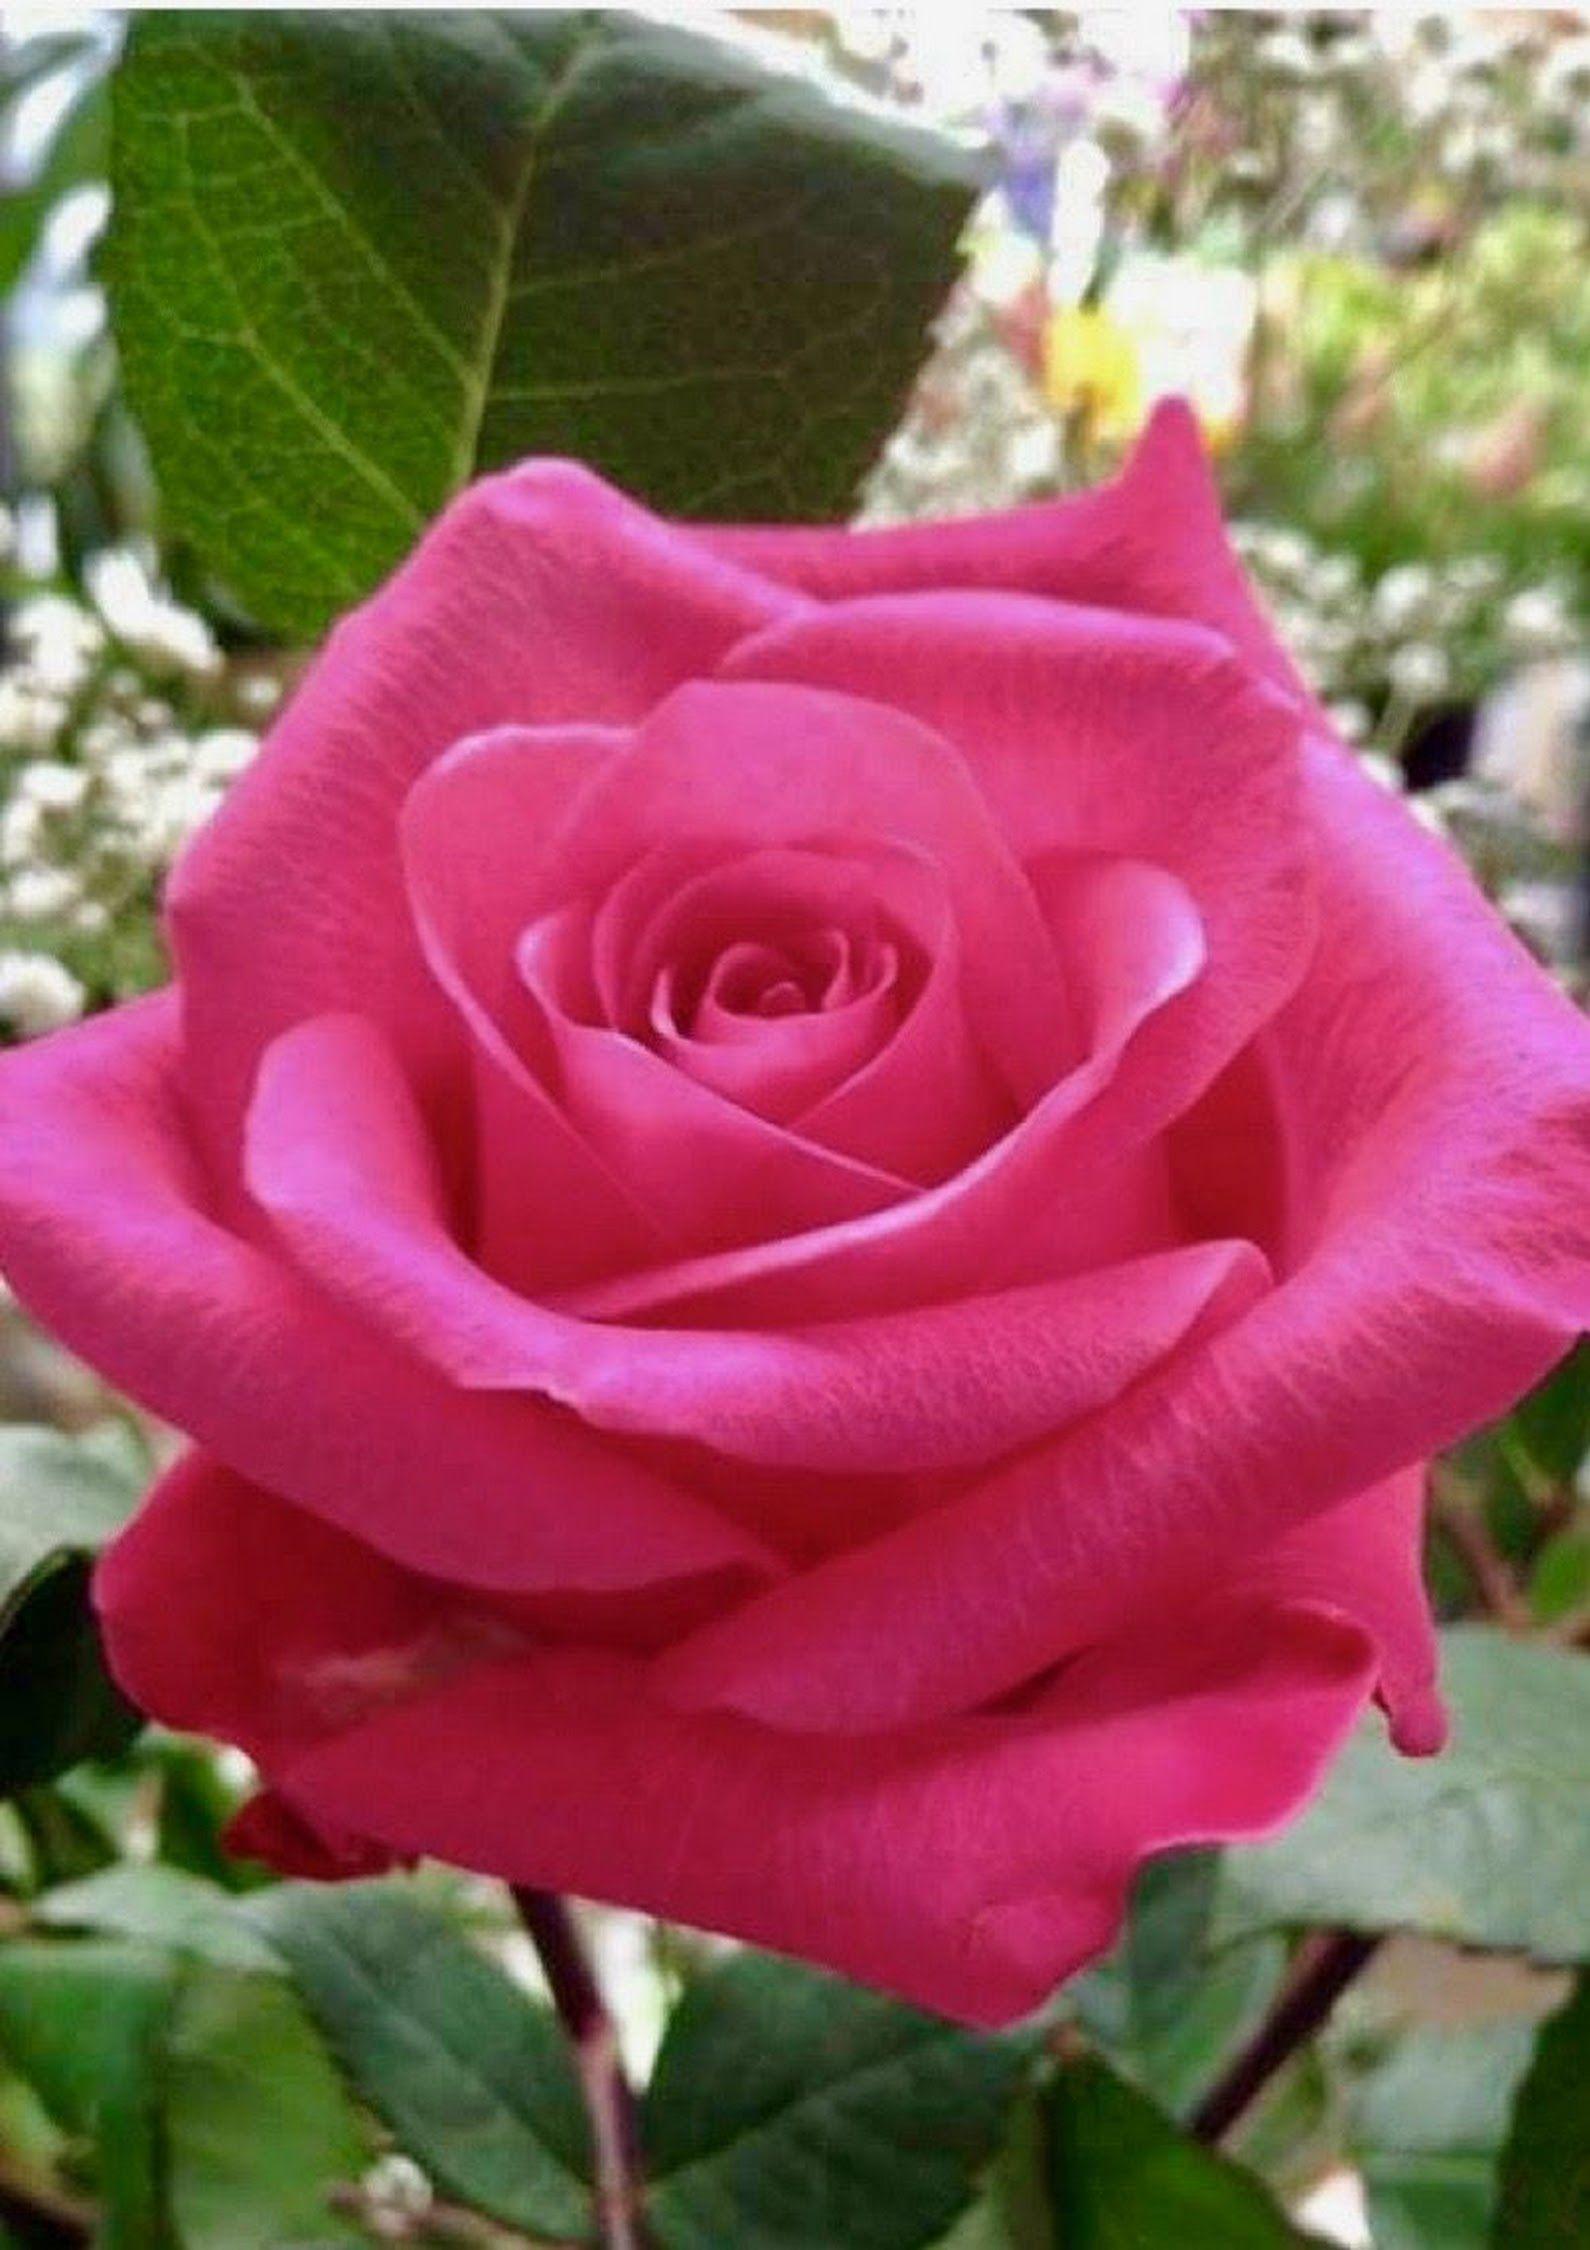 Agababy Juggler Jongleur Acrobat Dancer Beautiful roses